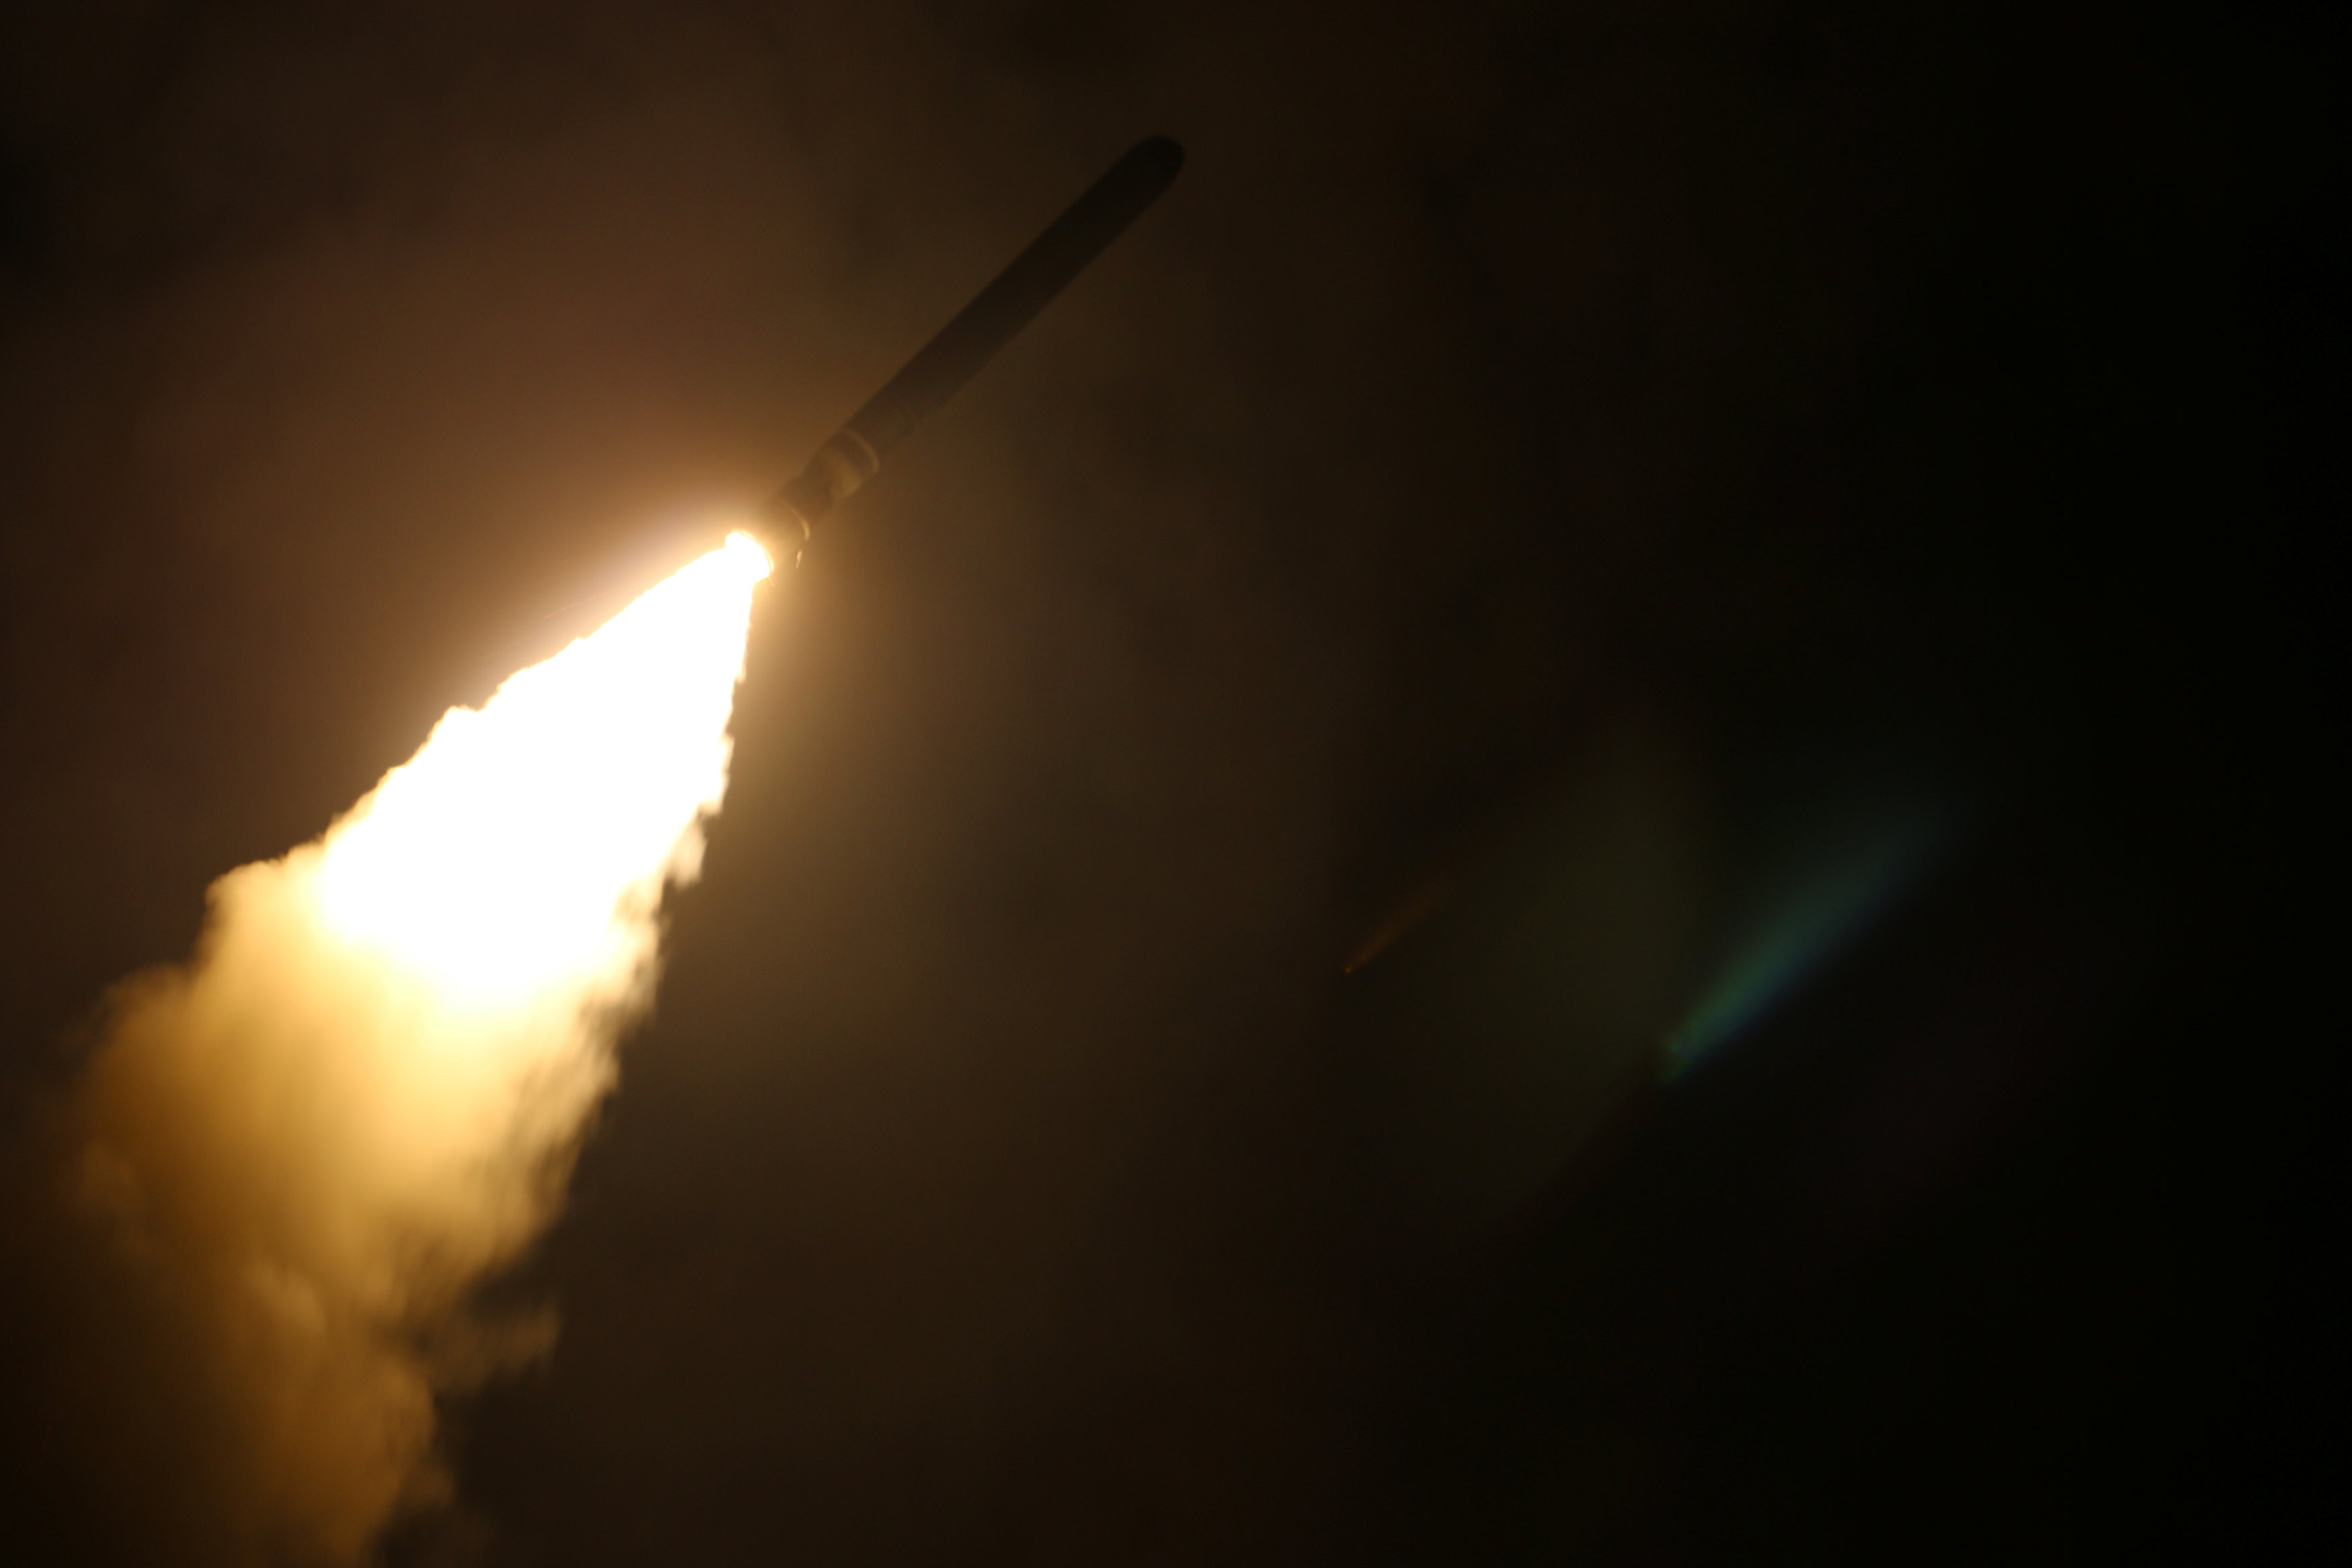 美國,中共,俄國,陸基飛彈,洲際彈道飛彈,潛艦,戰略核彈,核武,民進黨